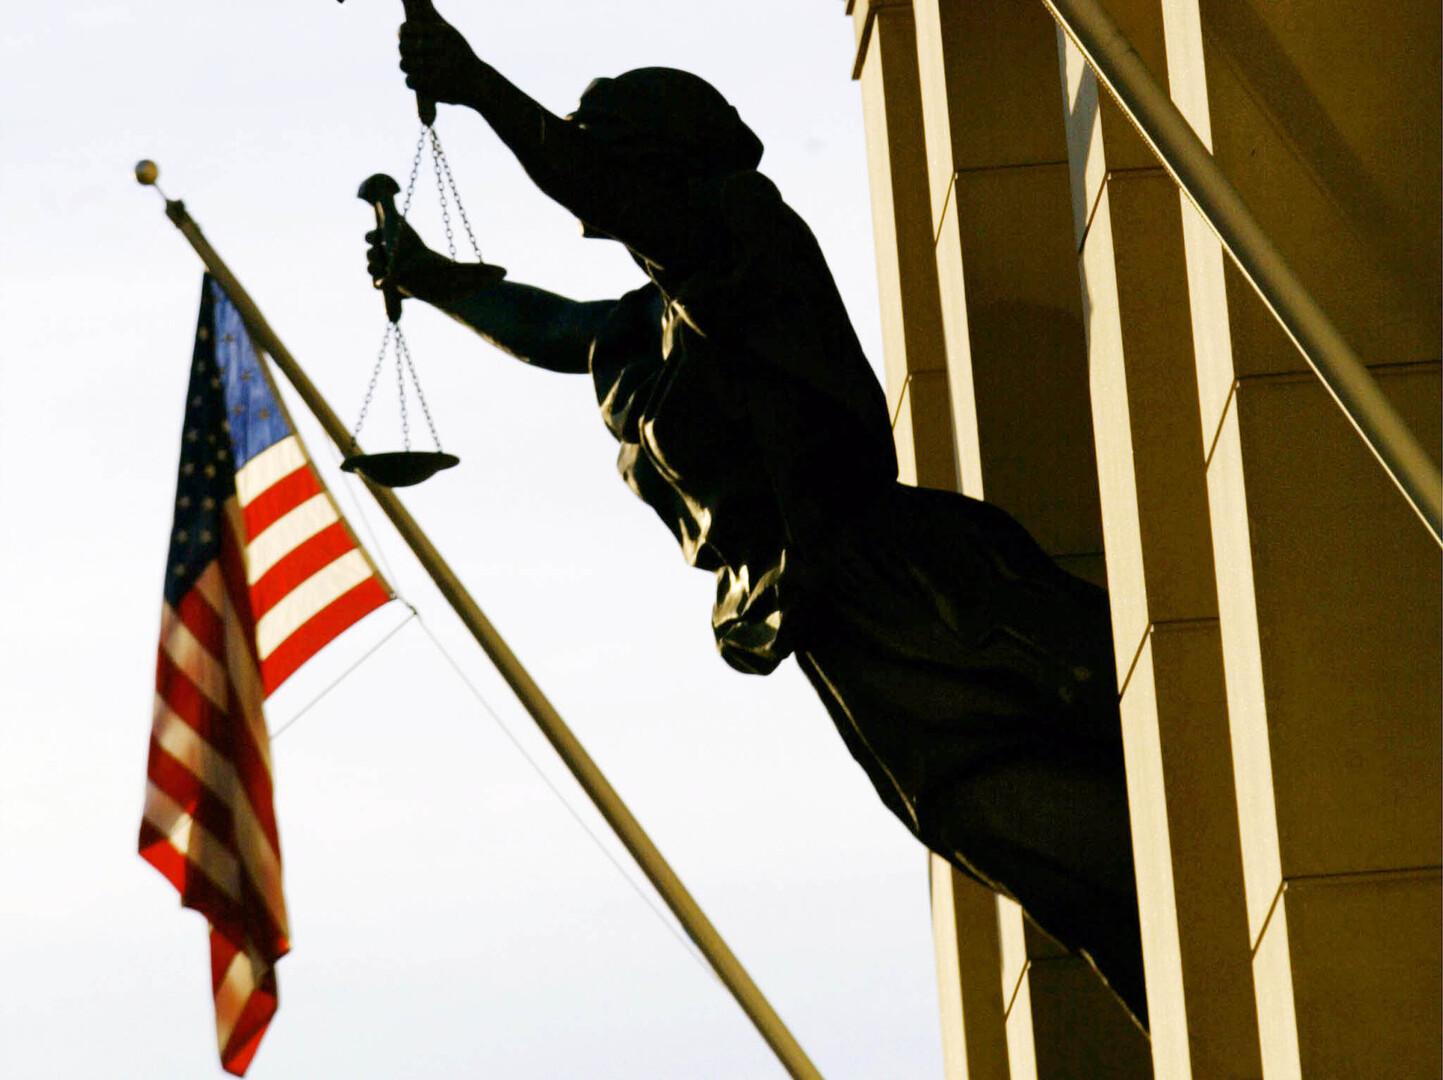 القضاء الأمريكي يسقط إحدى تهم الشرطي المسؤول عن مقتل جورج فلويد